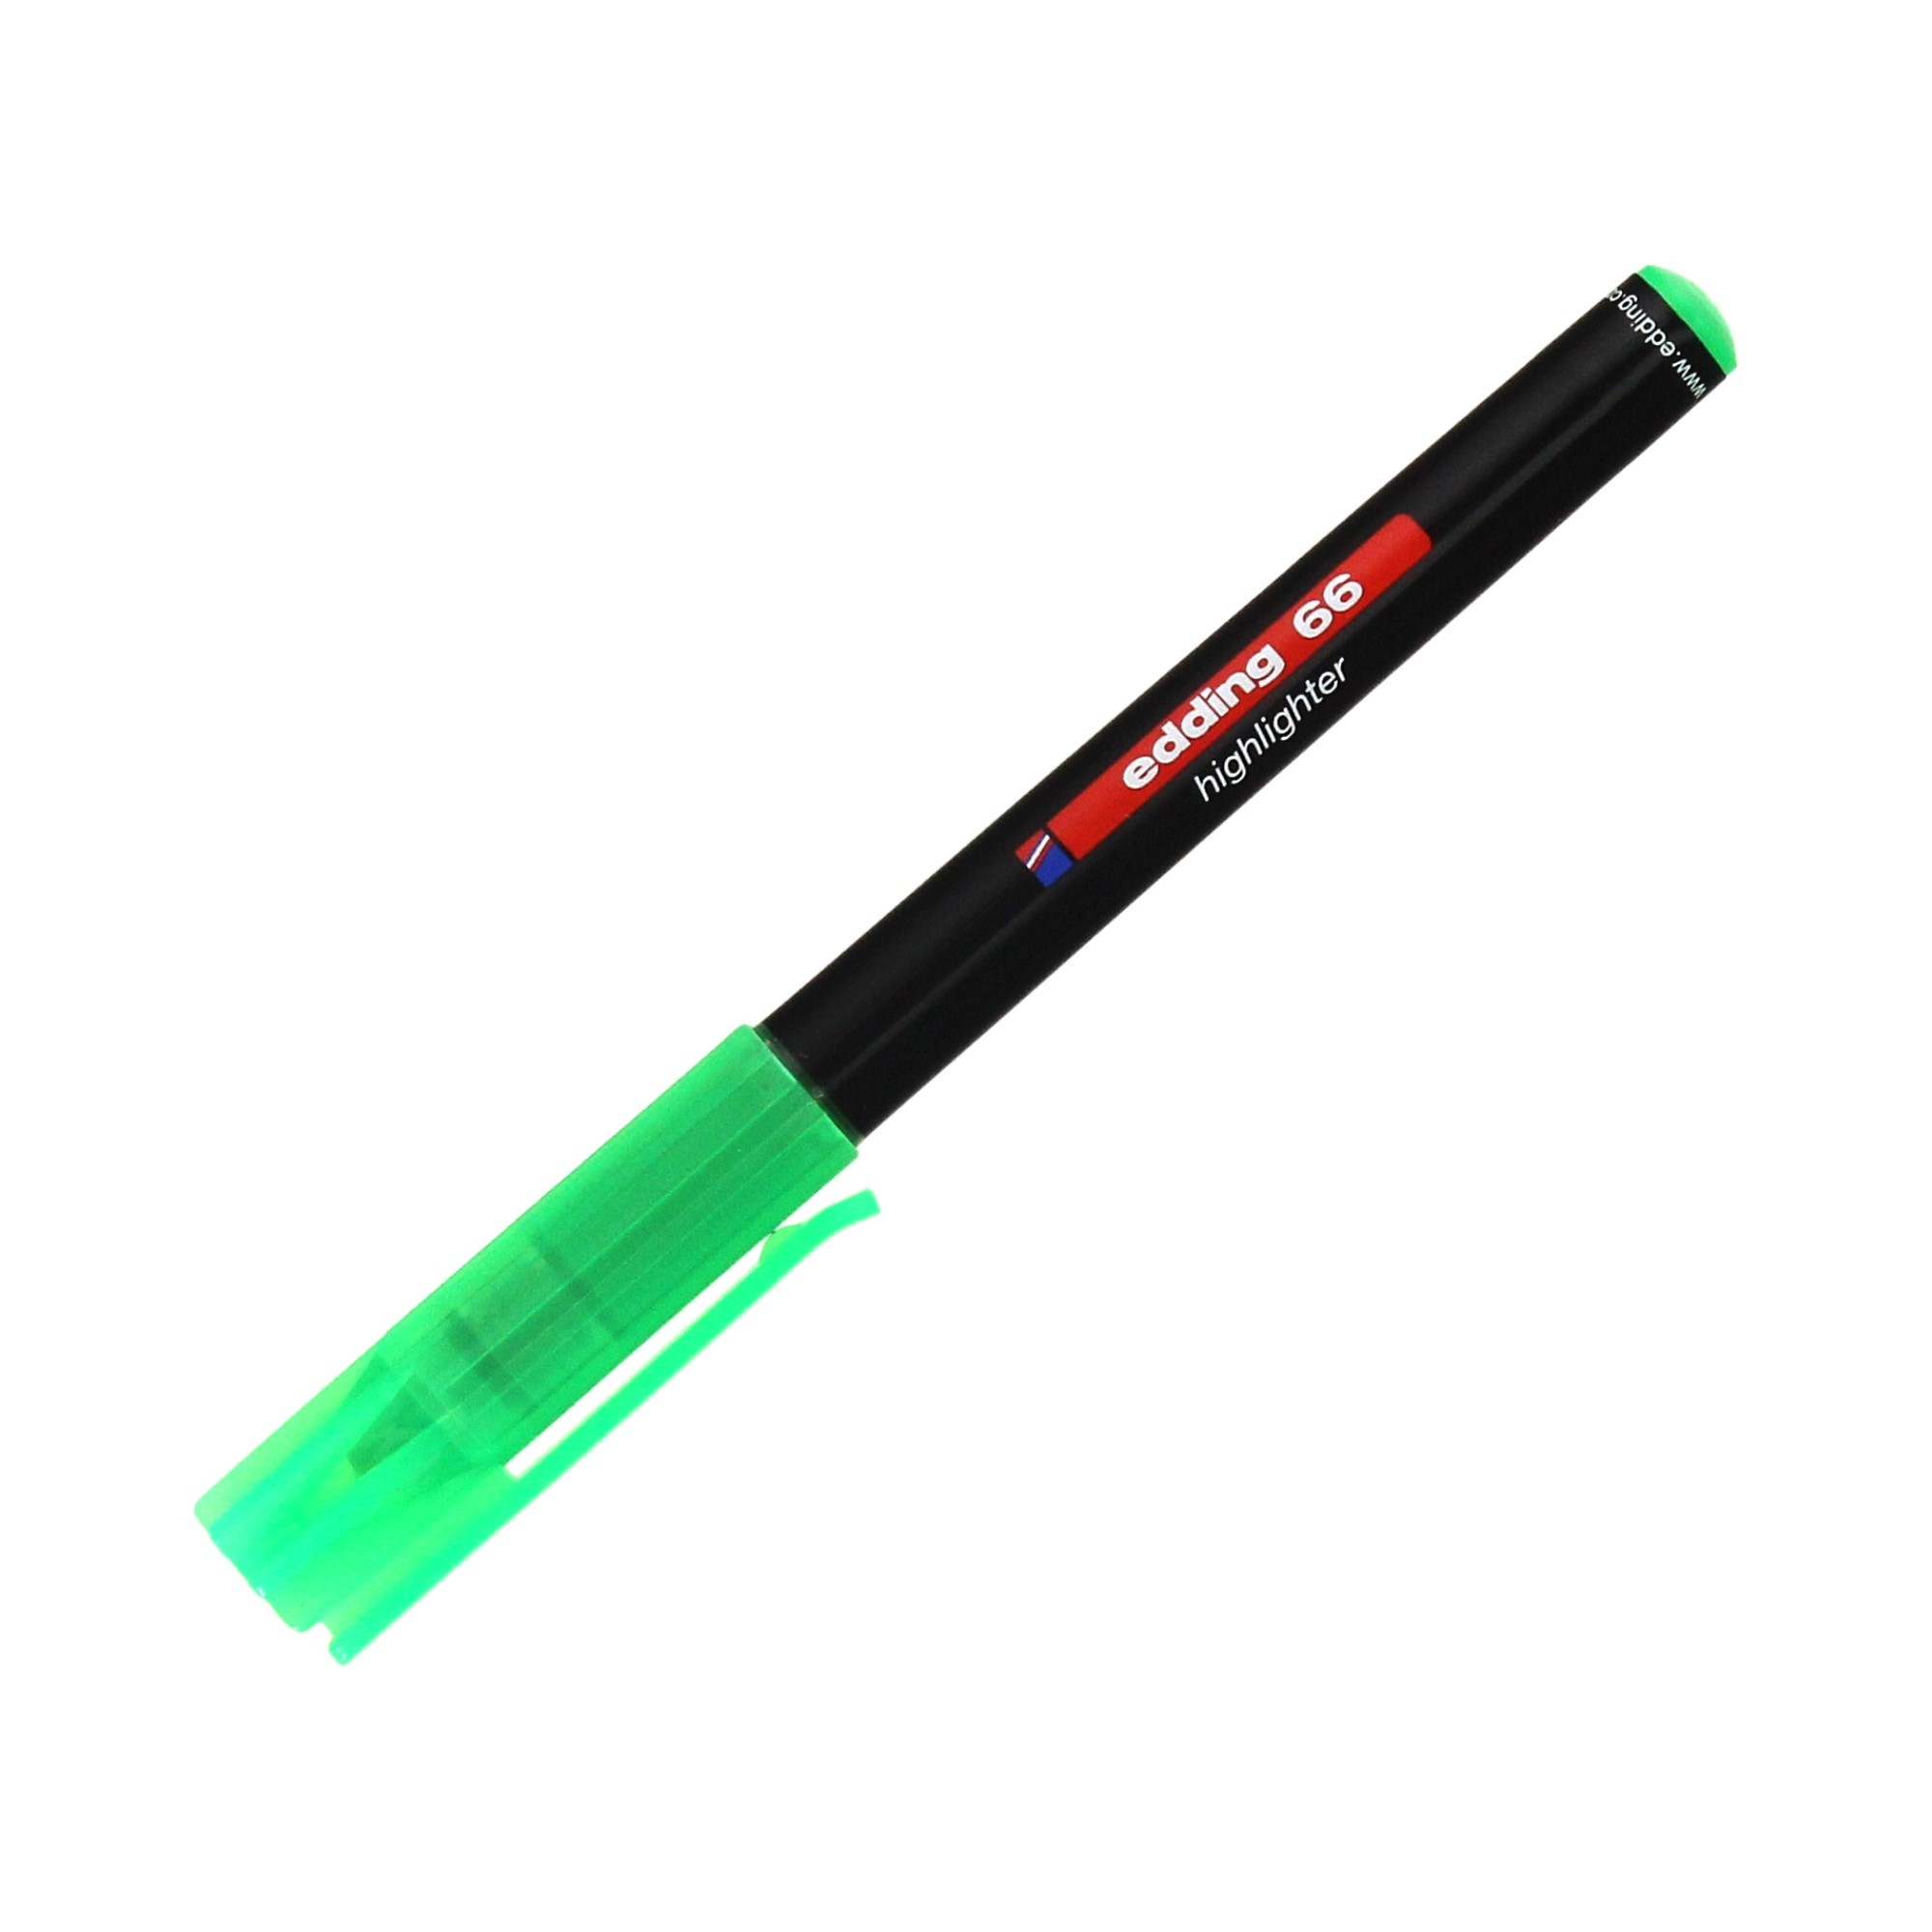 Zakreślacz zielony Edding 66